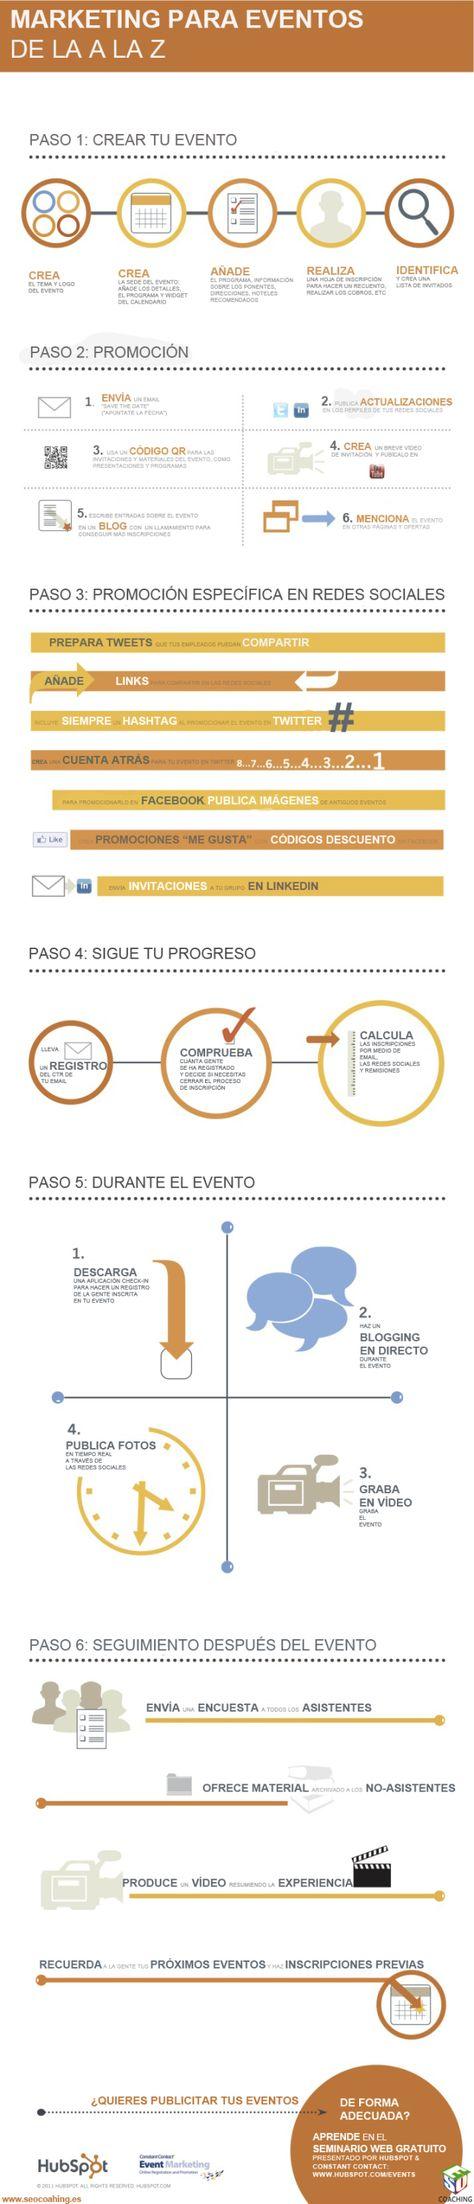 #Infografia #Marketing para eventos de la A a la Z #TAVnews